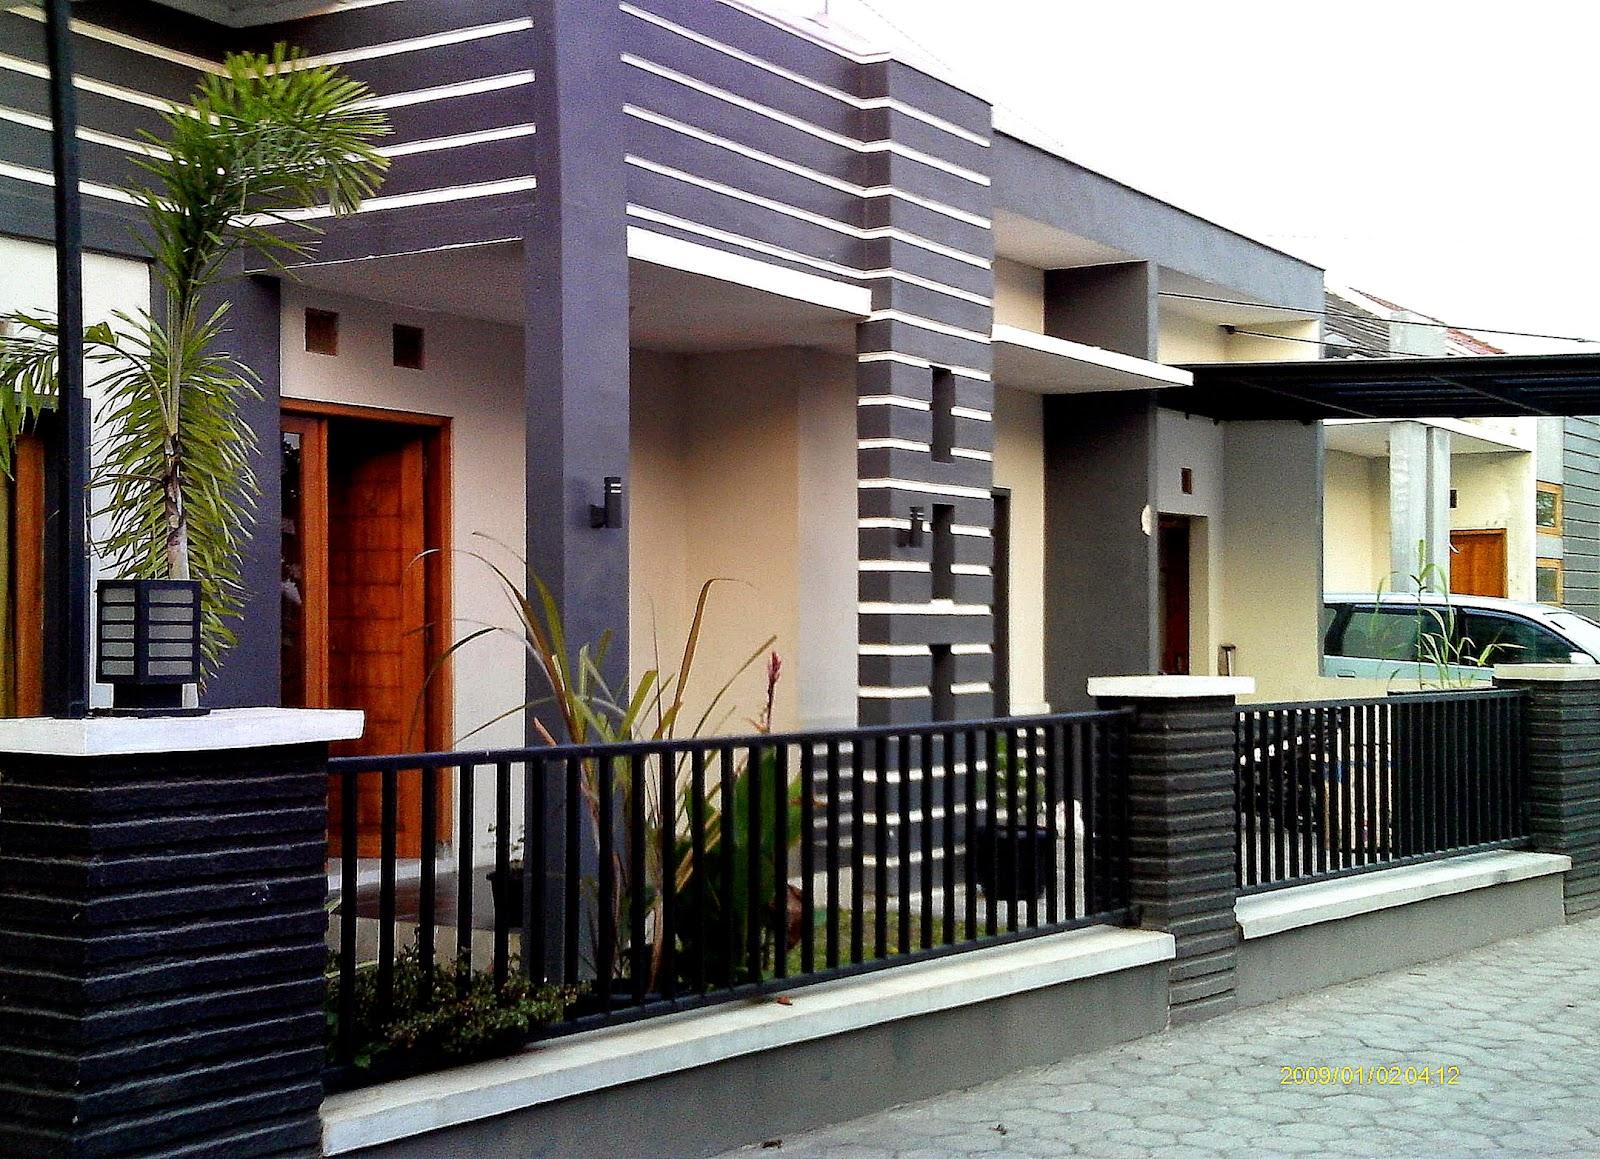 rumah minimalis satu lantai mewah modern  Info Bisnis Properti